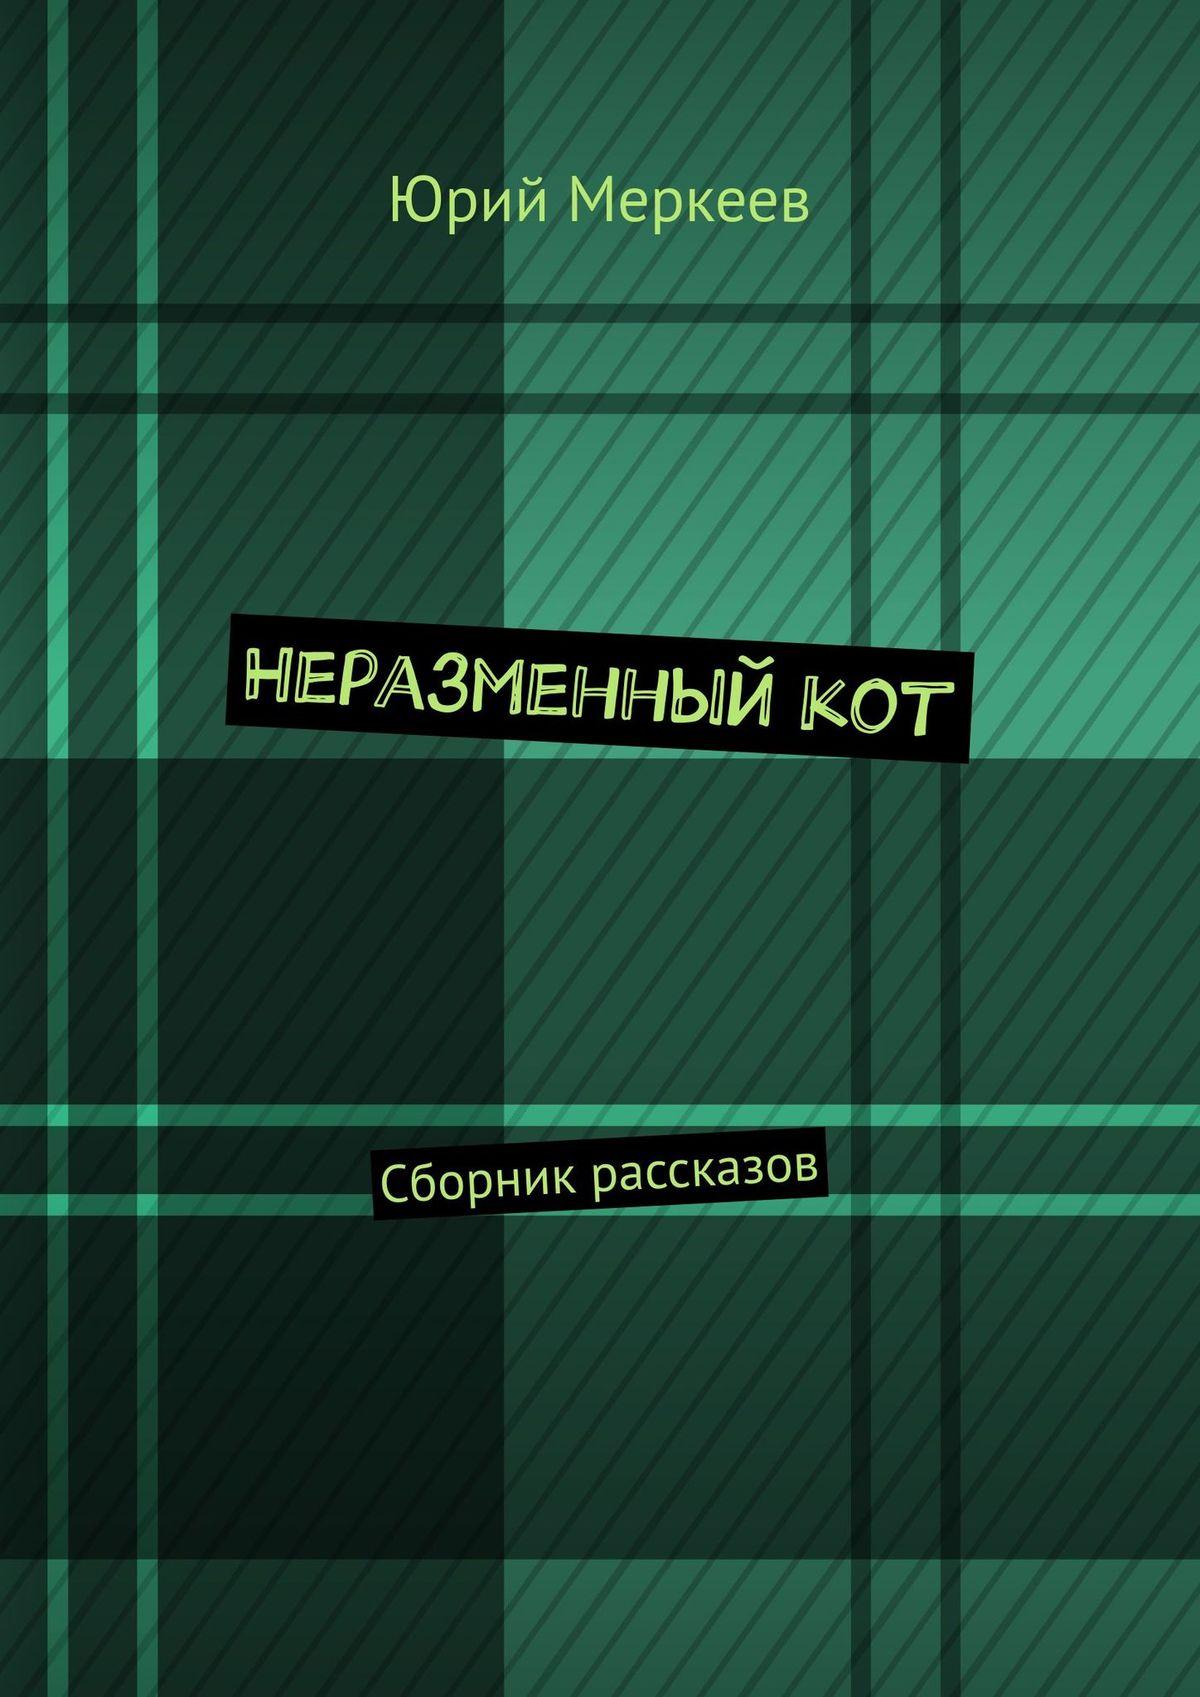 Фото - Юрий Меркеев Неразменный кот. Роман врассказах юрий меркеев монастырь икошка